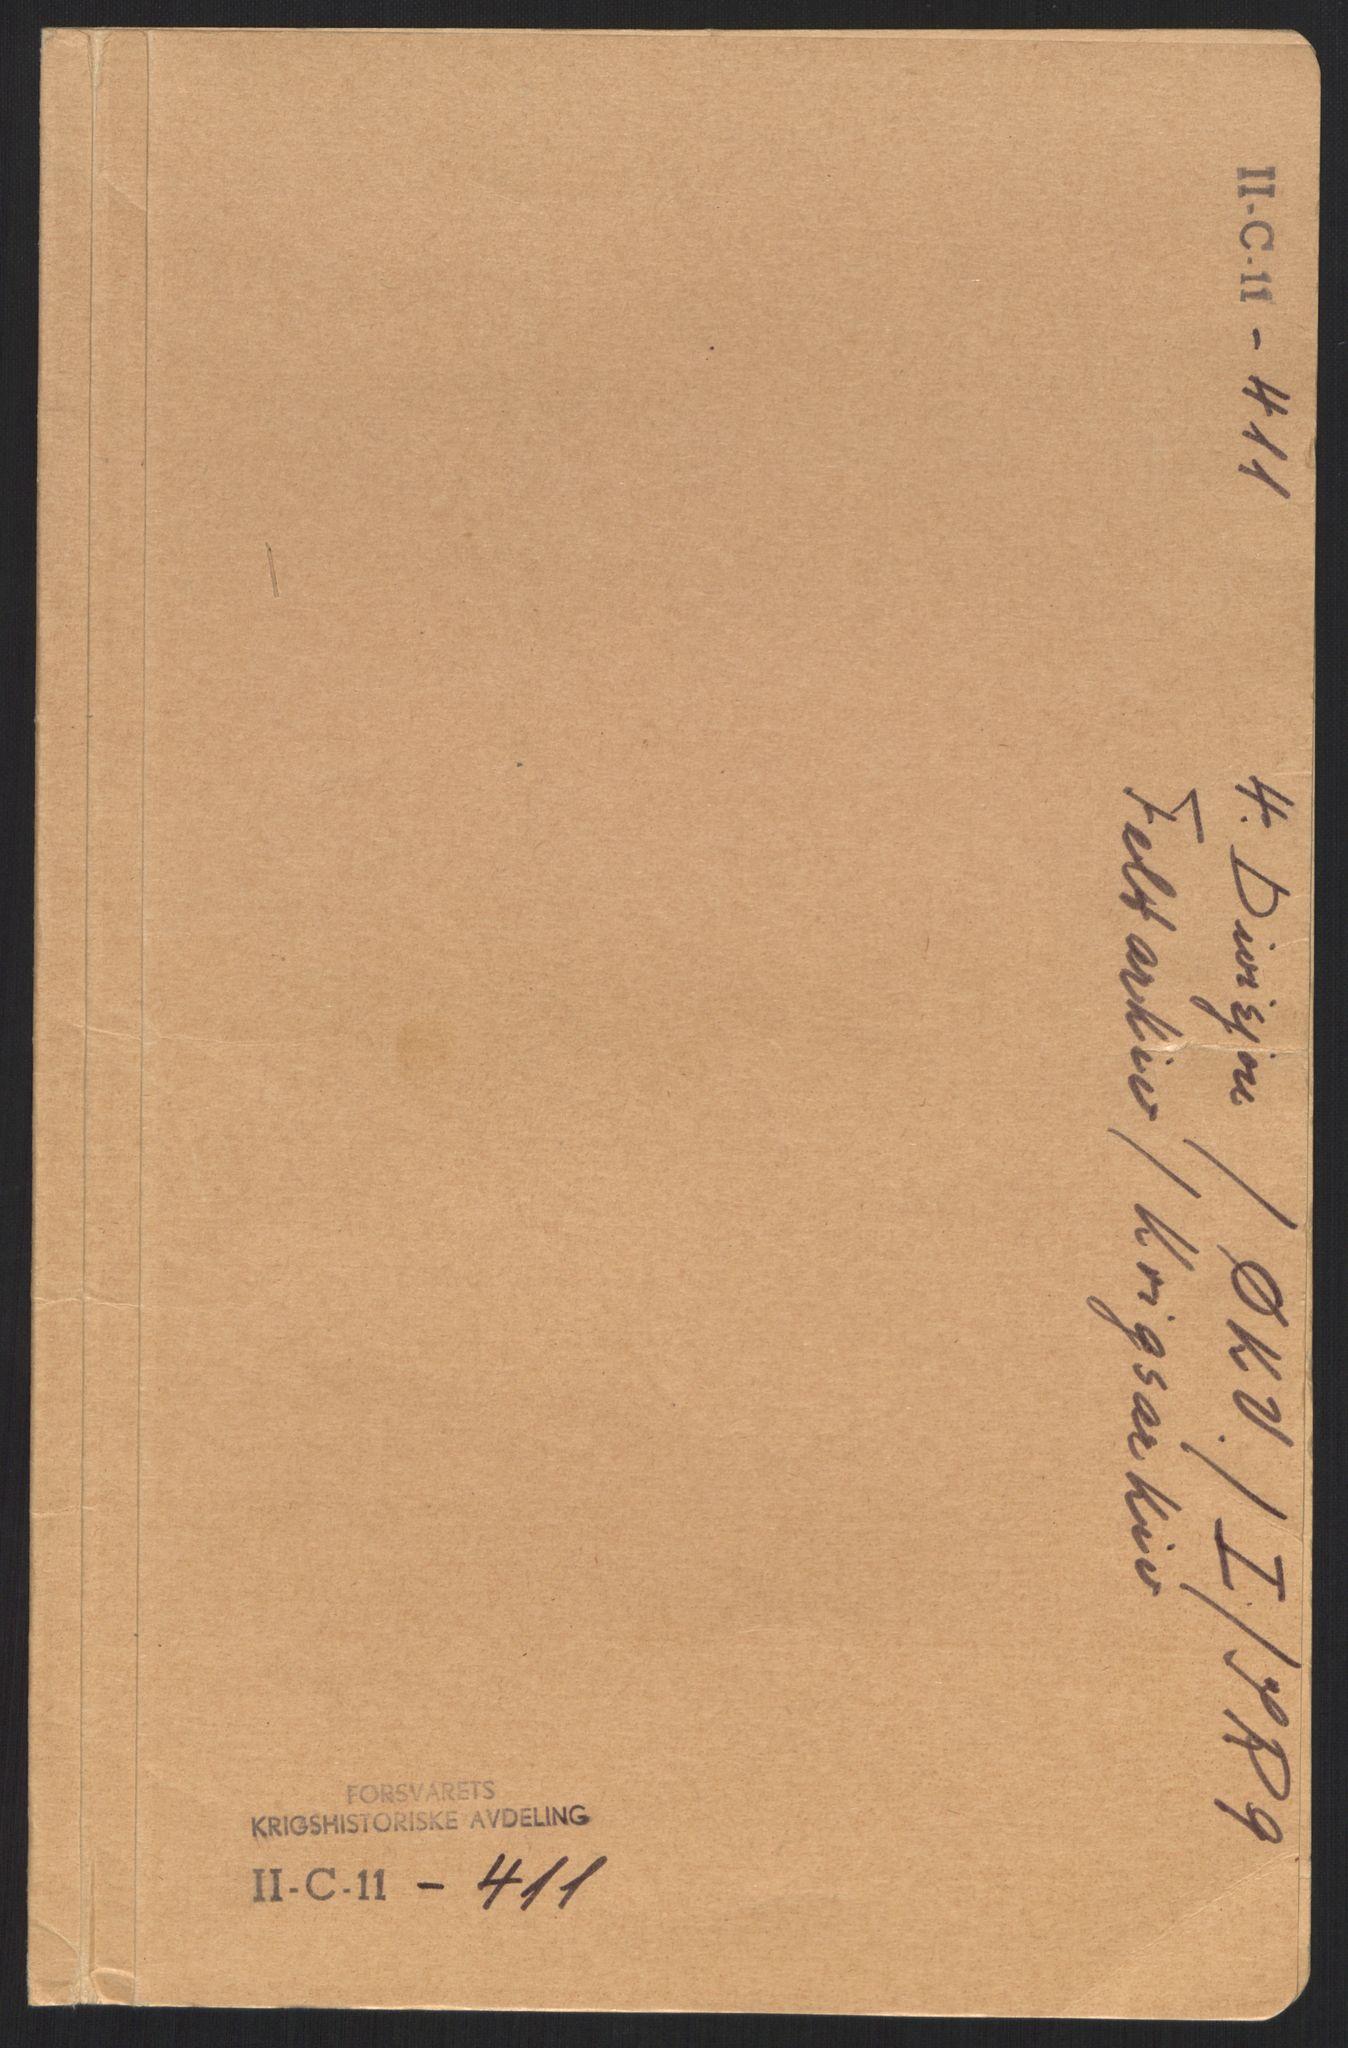 RA, Forsvaret, Forsvarets krigshistoriske avdeling, Y/Yb/L0102: II-C-11-411  -  4. Divisjon., 1940, s. 1